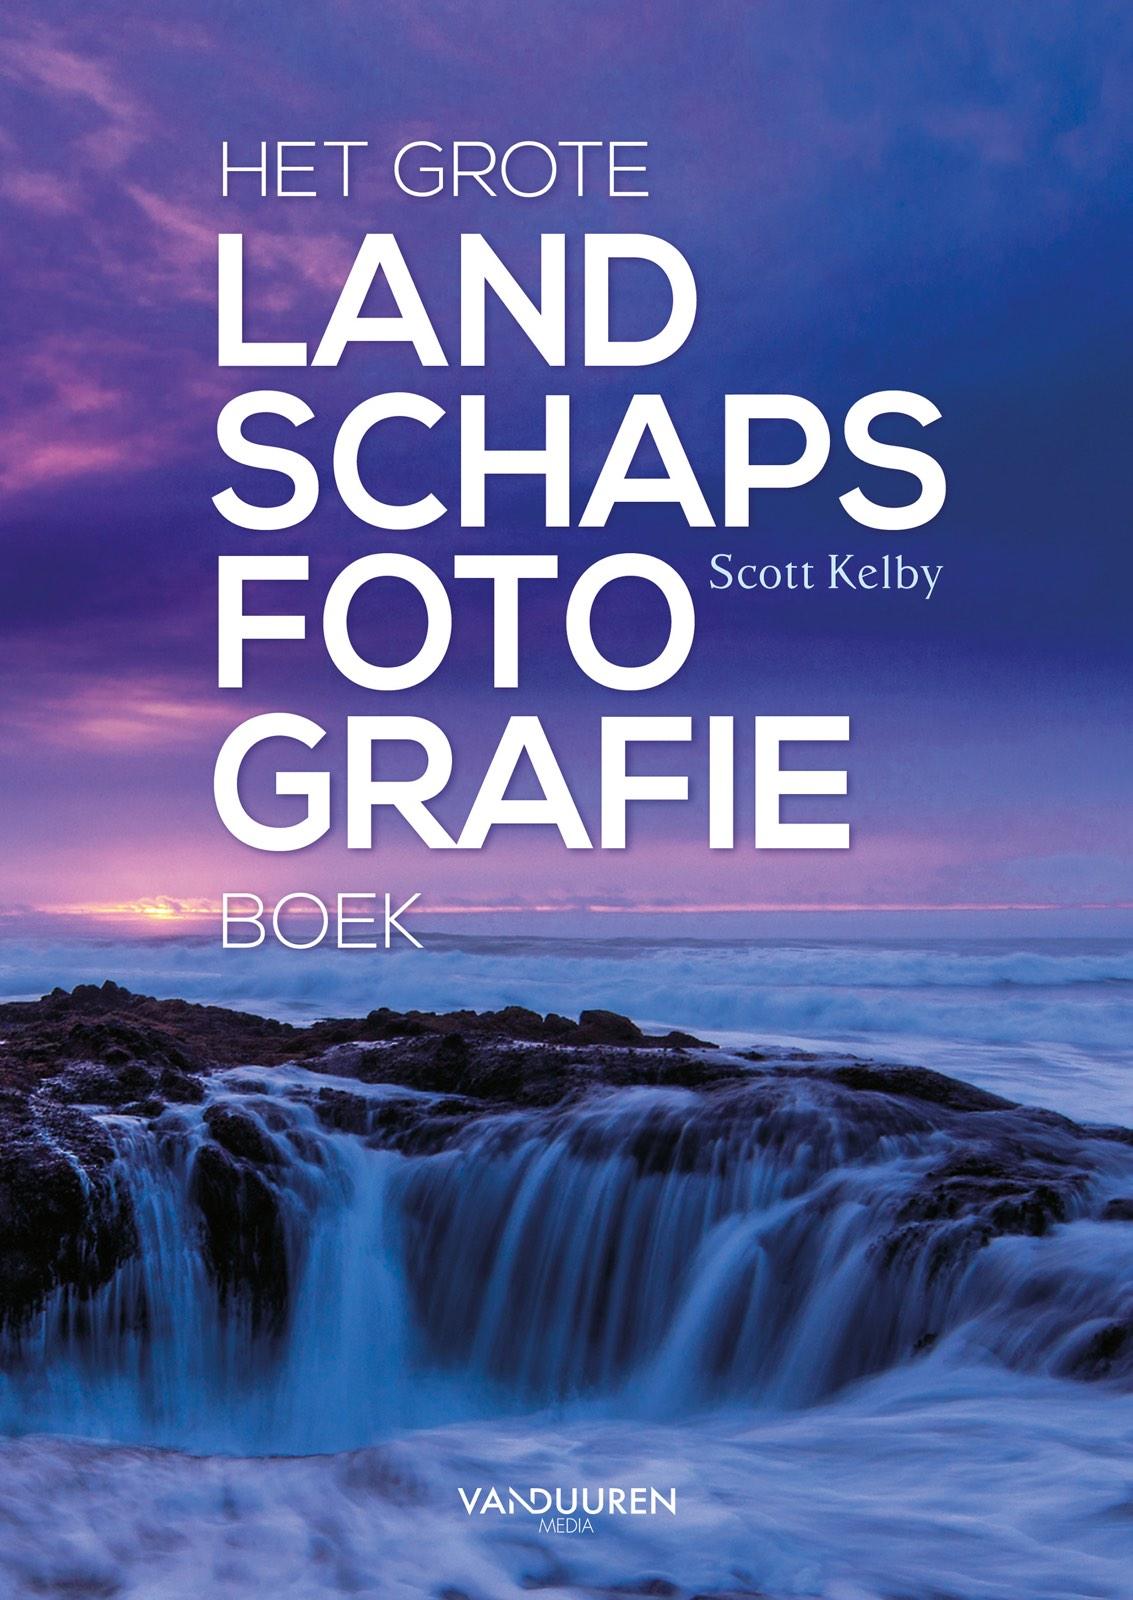 Het grote landschapsfotografieboek - Scott Kelby, isbn 9789463560962